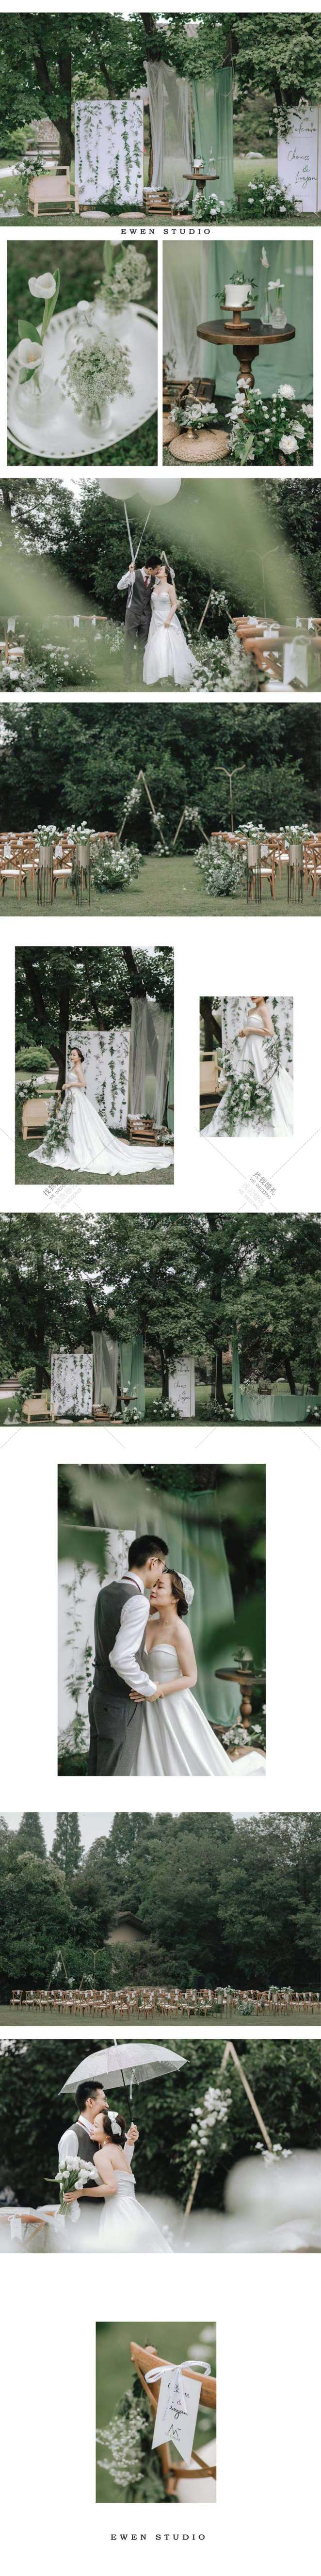 山哥和燕子的婚礼-白户外小清新婚礼照片